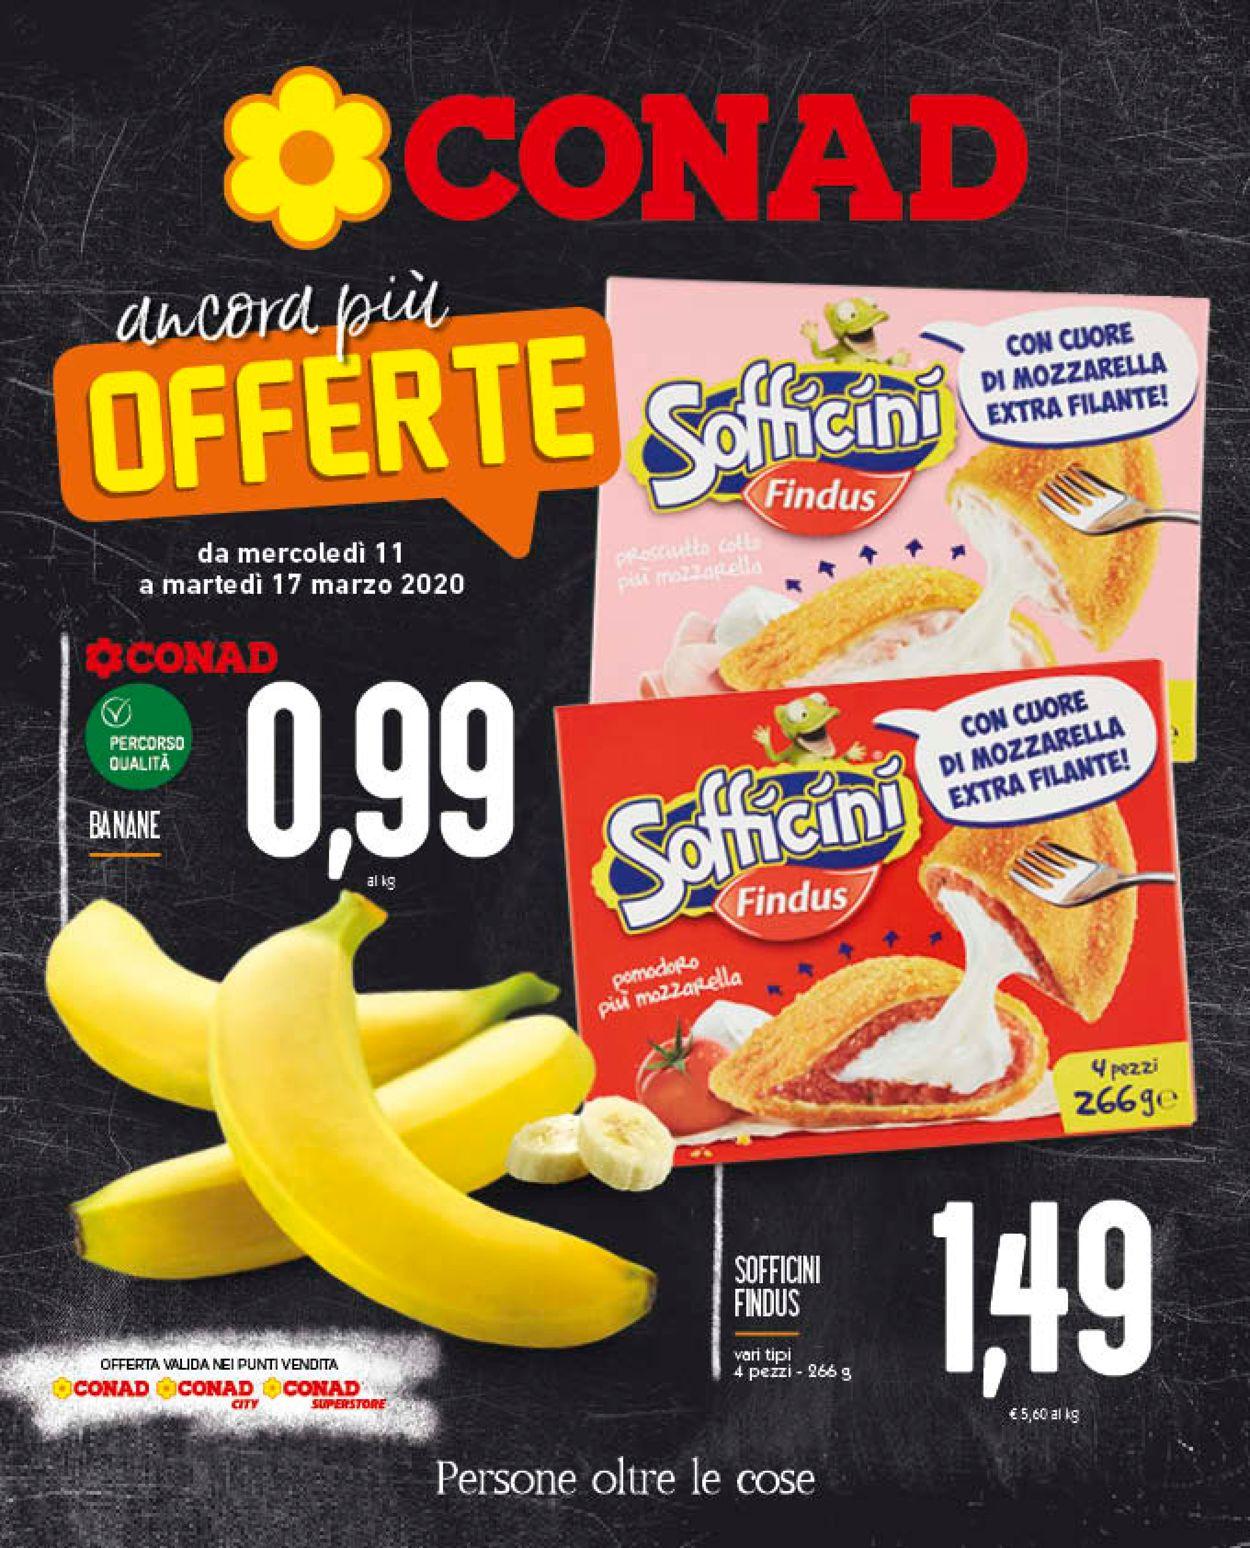 Volantino Conad - Offerte 11/03-17/03/2020